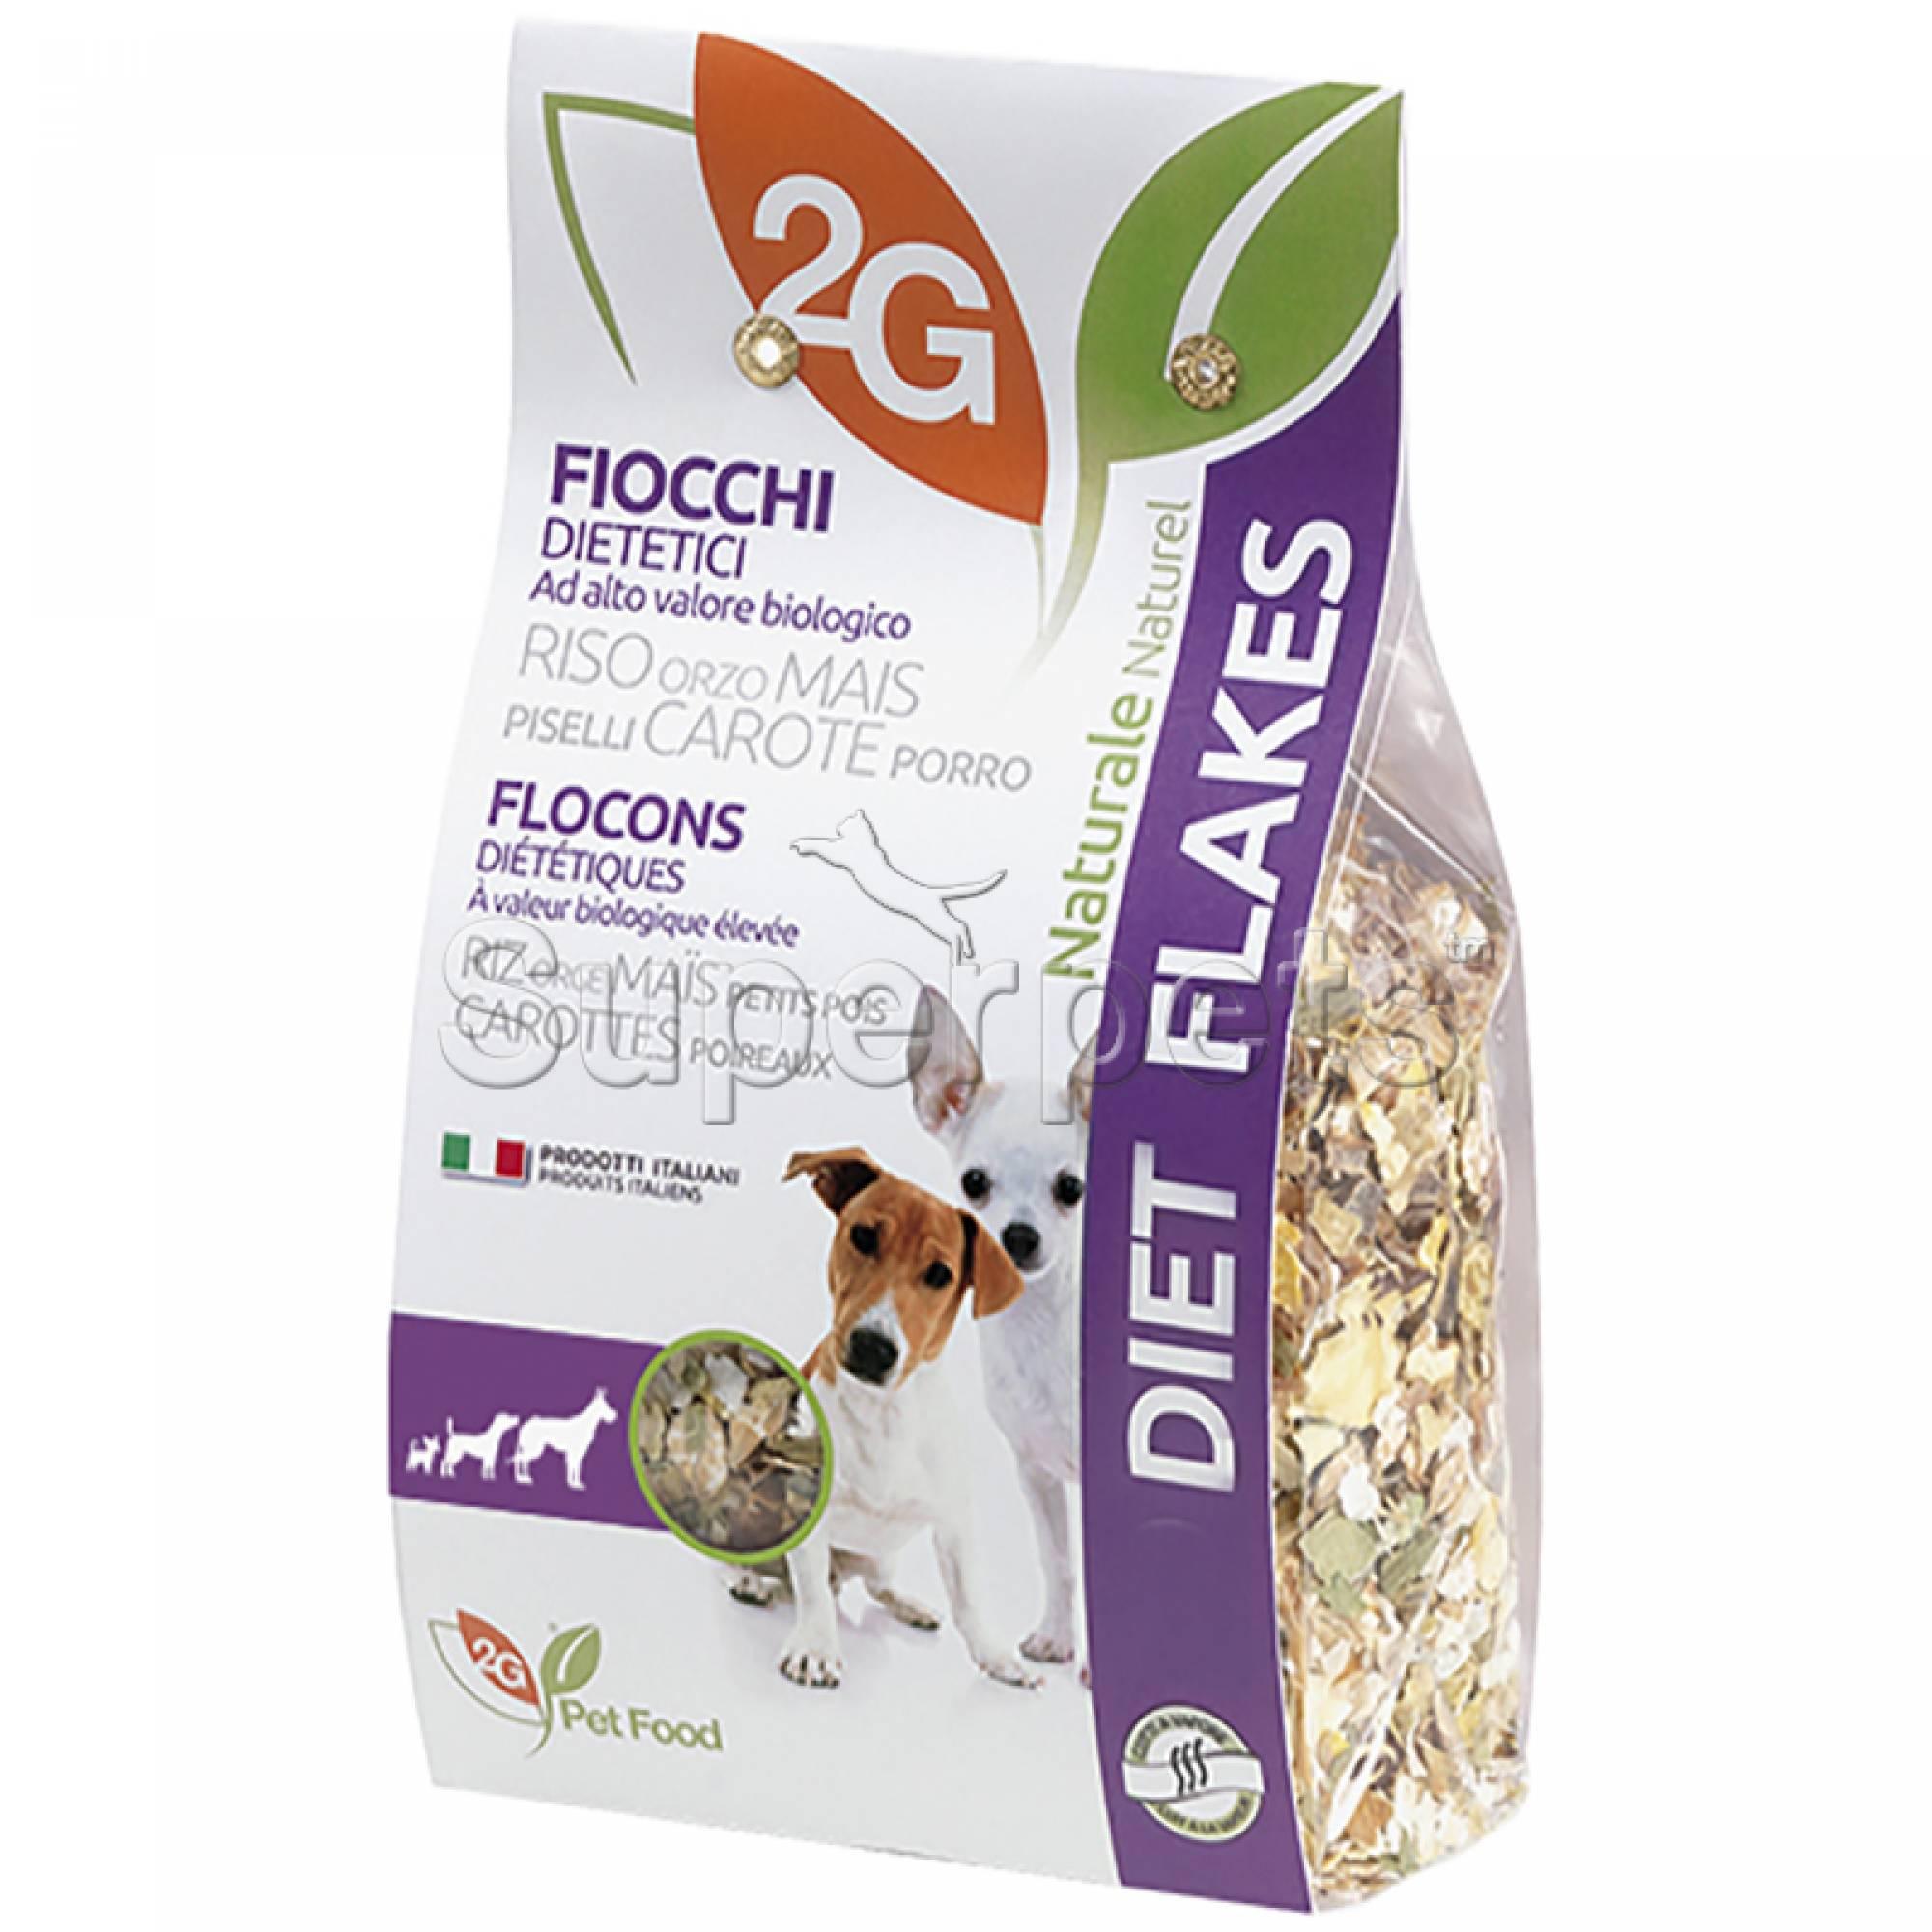 2G Pet Food - Diet Flakes 350g